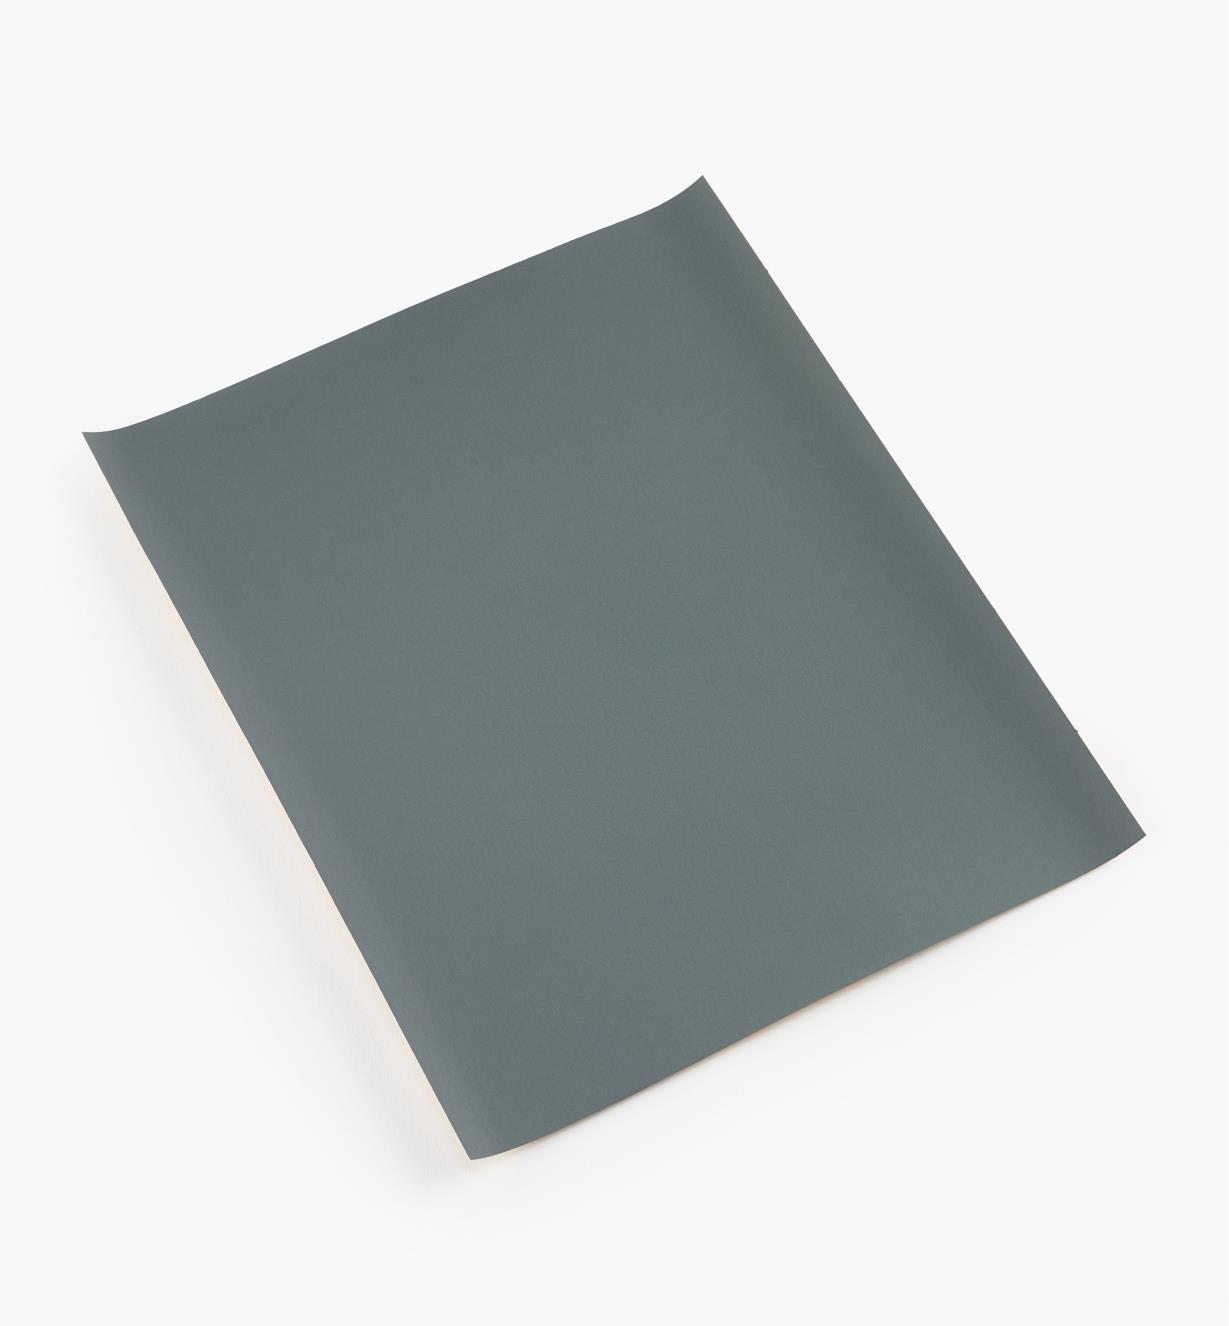 54K8104 - 3M Wet/Dry Sandpaper, 1000A (9µ)